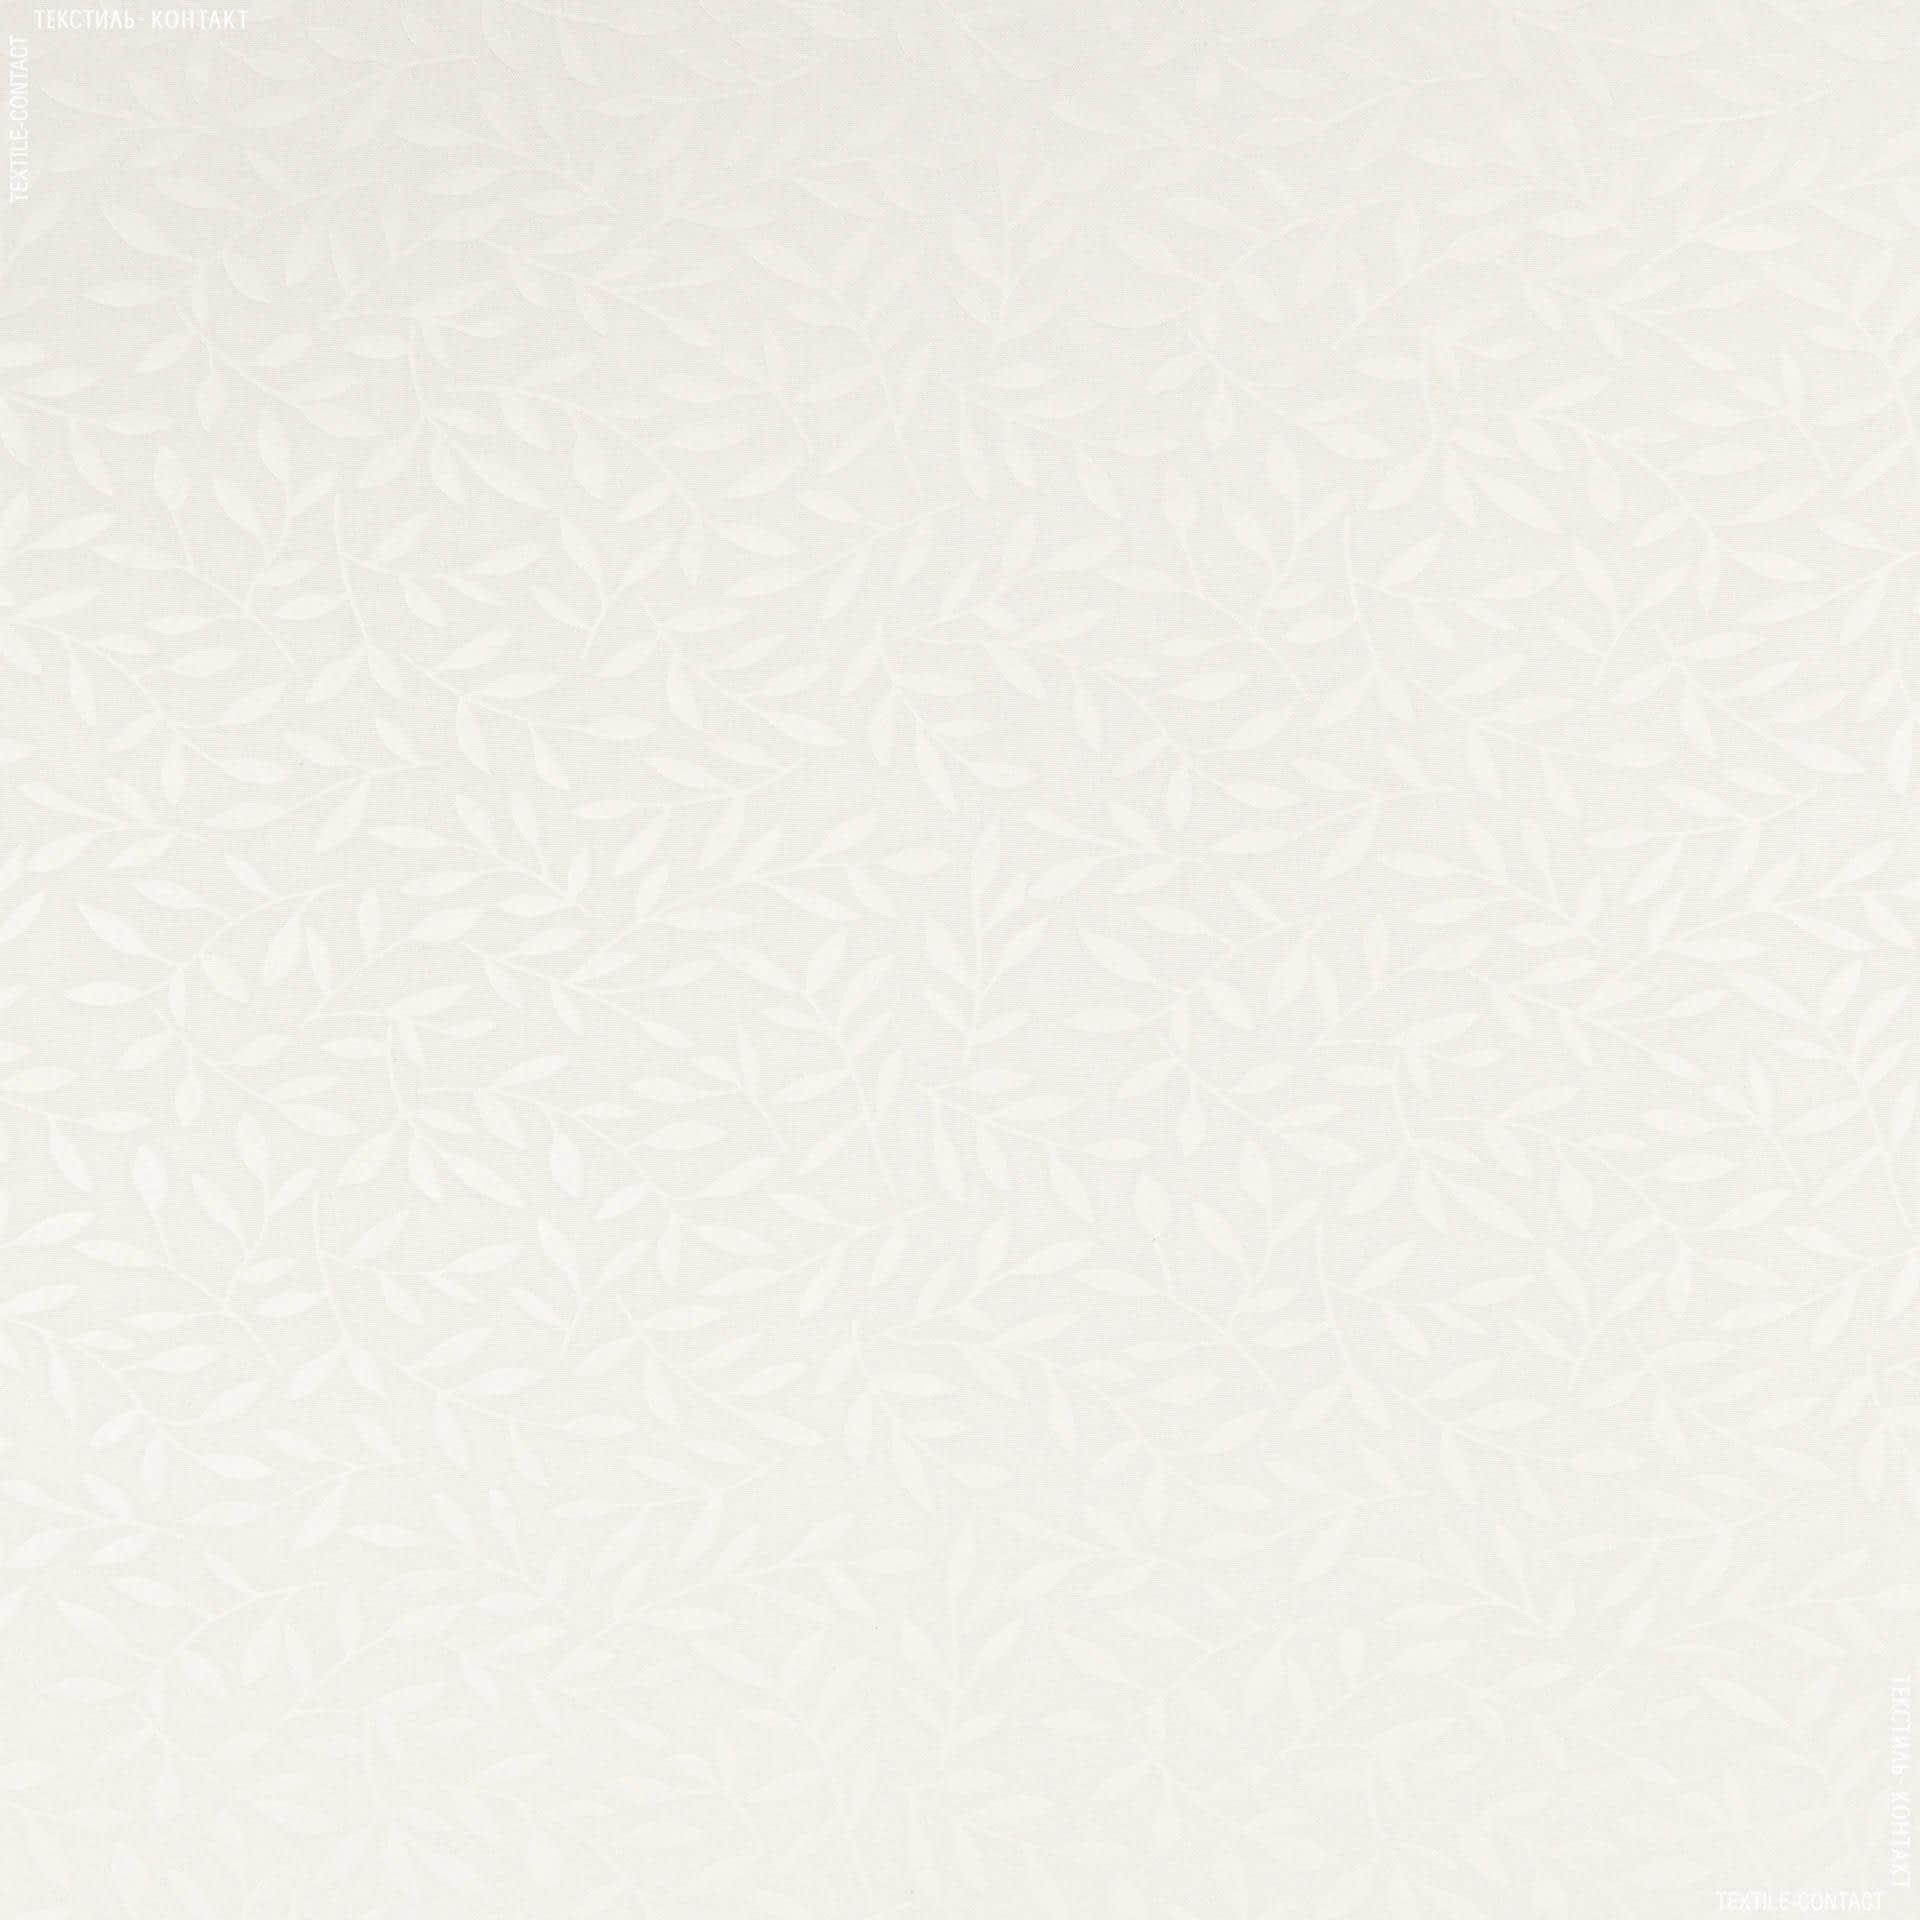 Ткани для матрасов - Микрофибра кремовая